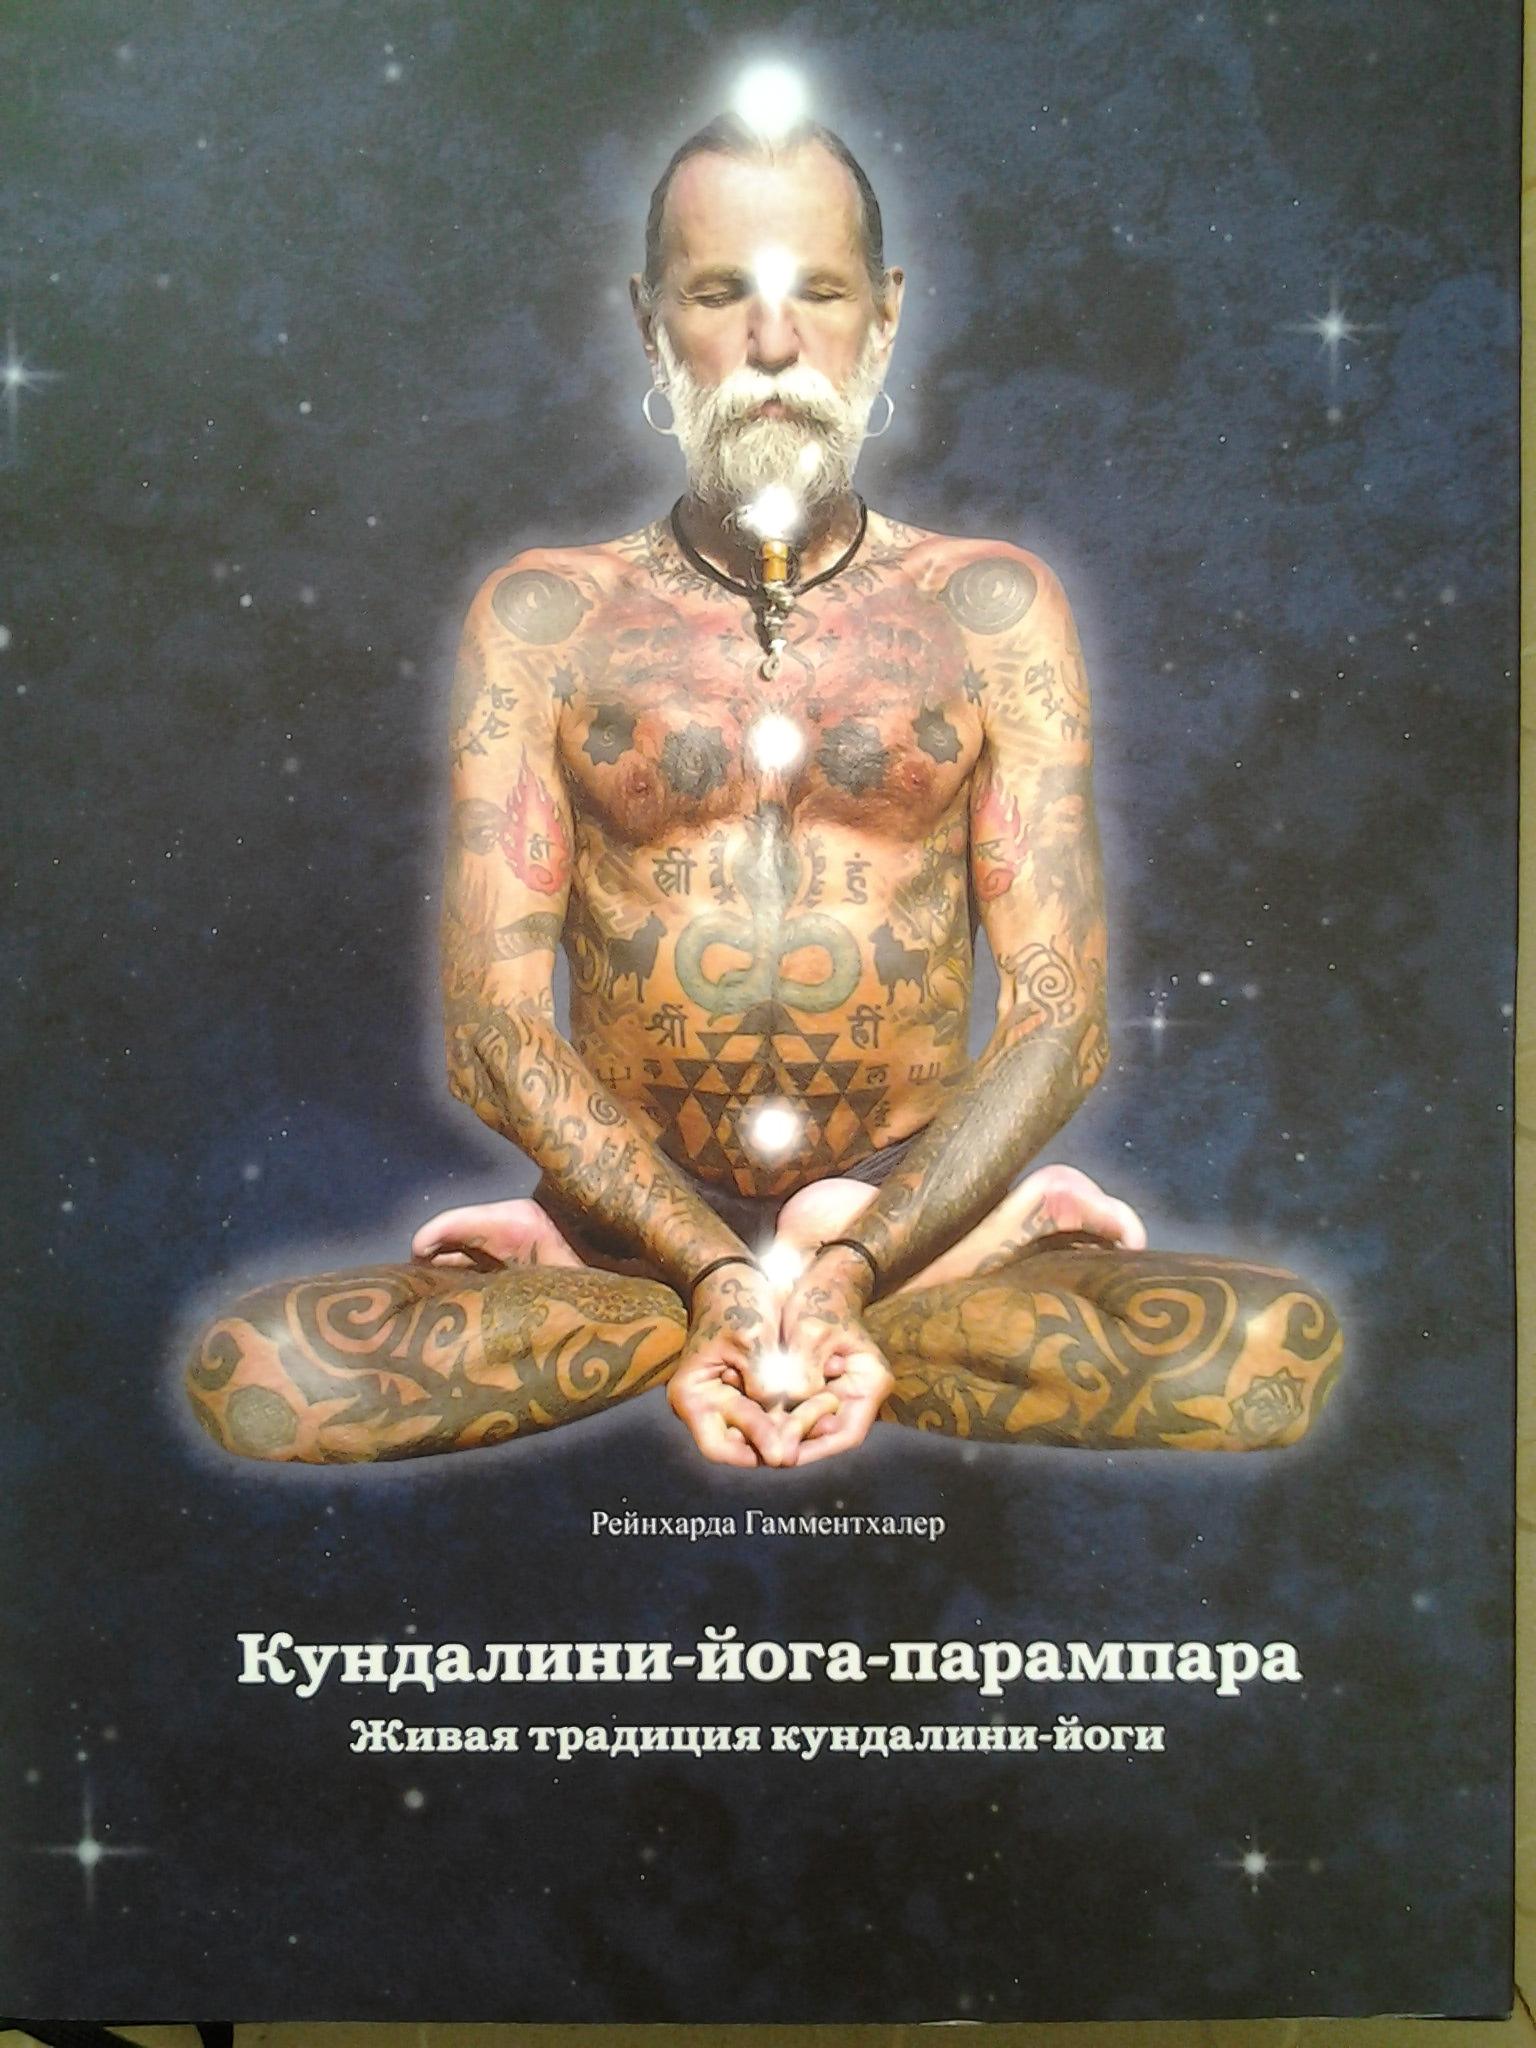 Кундалини йога парампара книга скачать